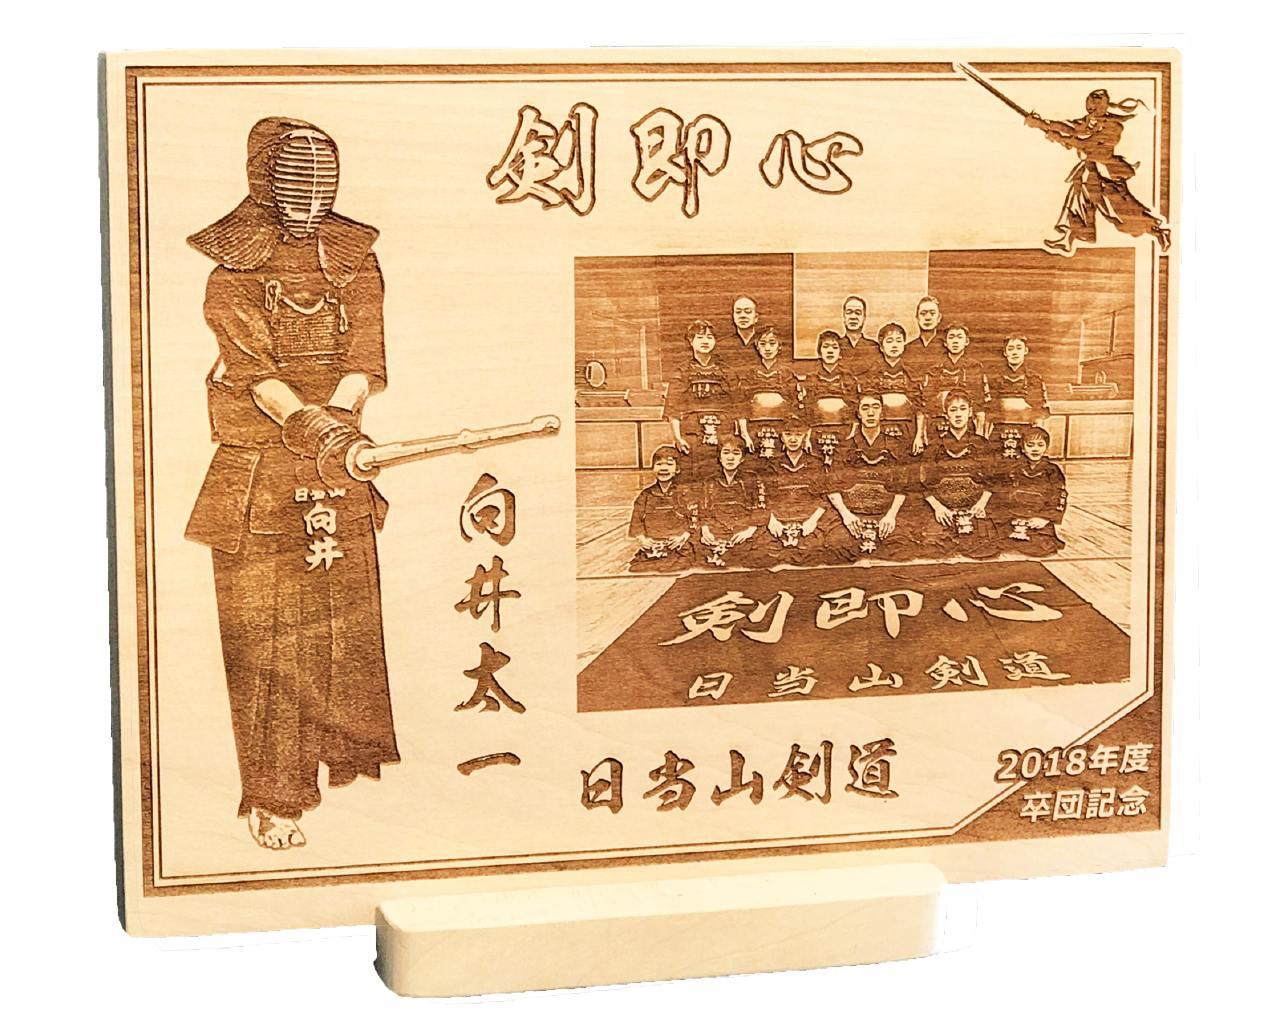 剣道記念品 卒業記念品をオーダメイド彫刻